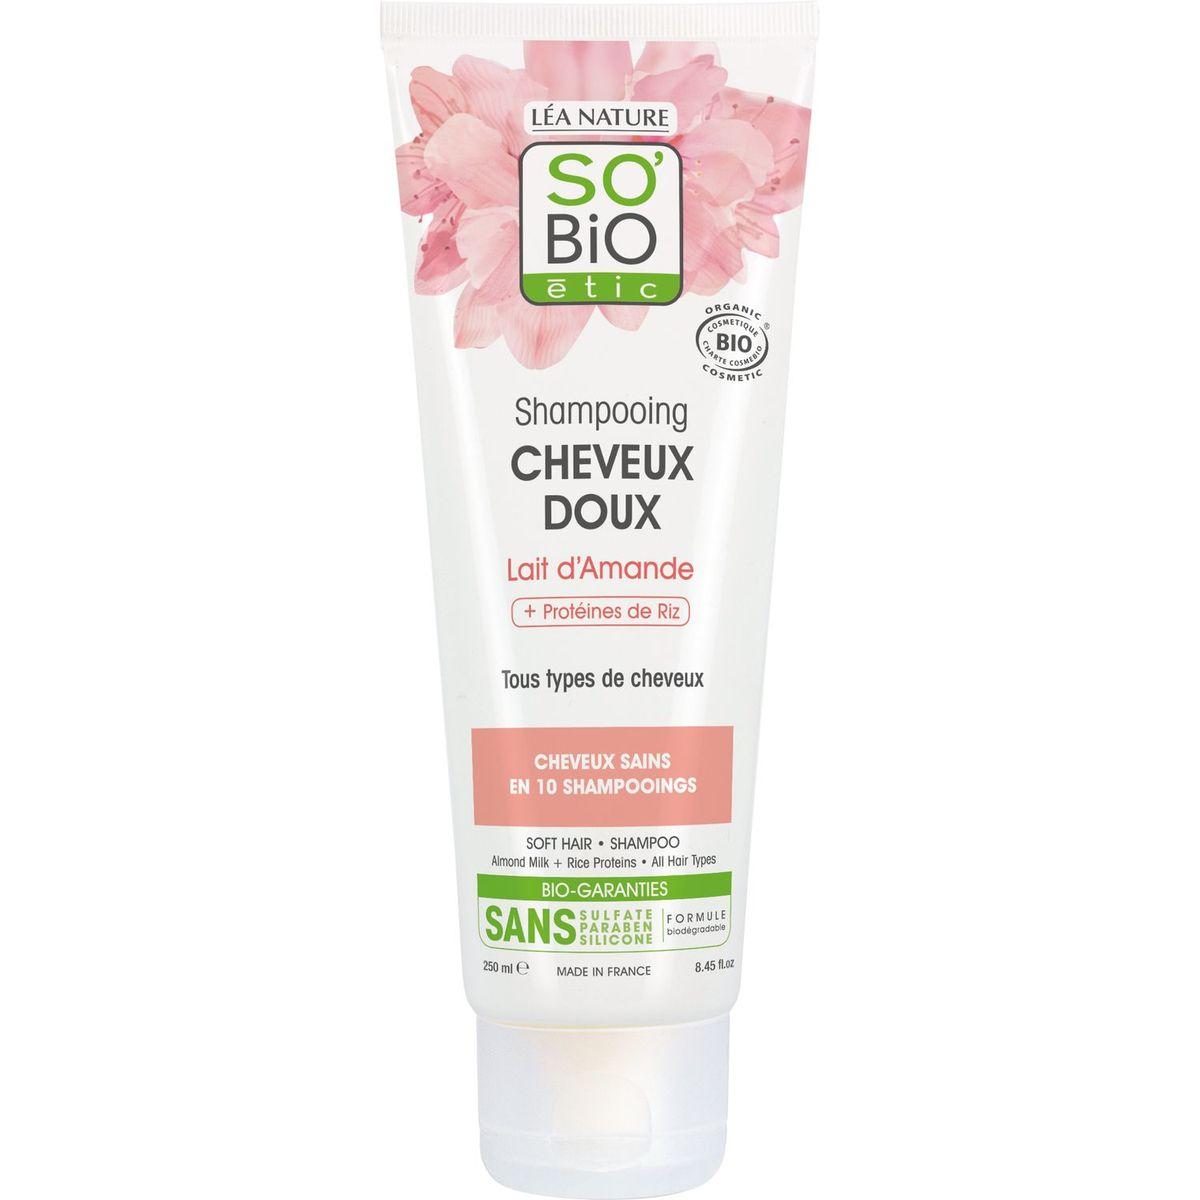 So Bio Etic Shampooing bio lait d'amande tous types de cheveux 250ml